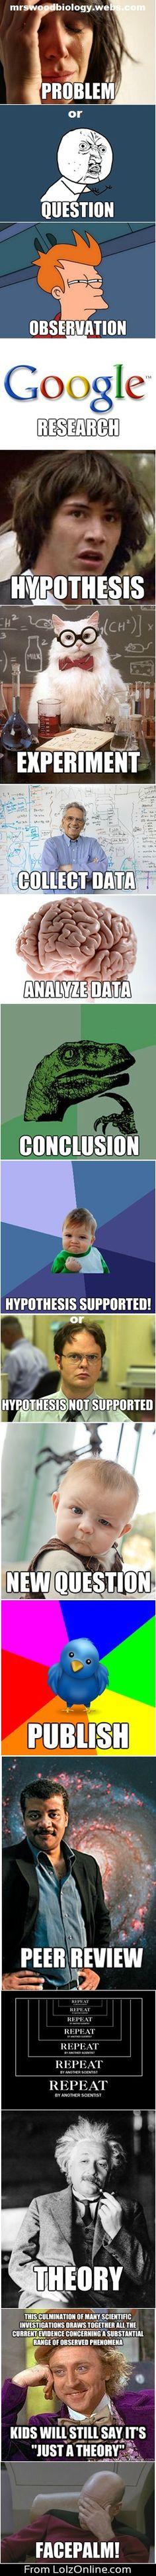 The Scientific Meme-thod